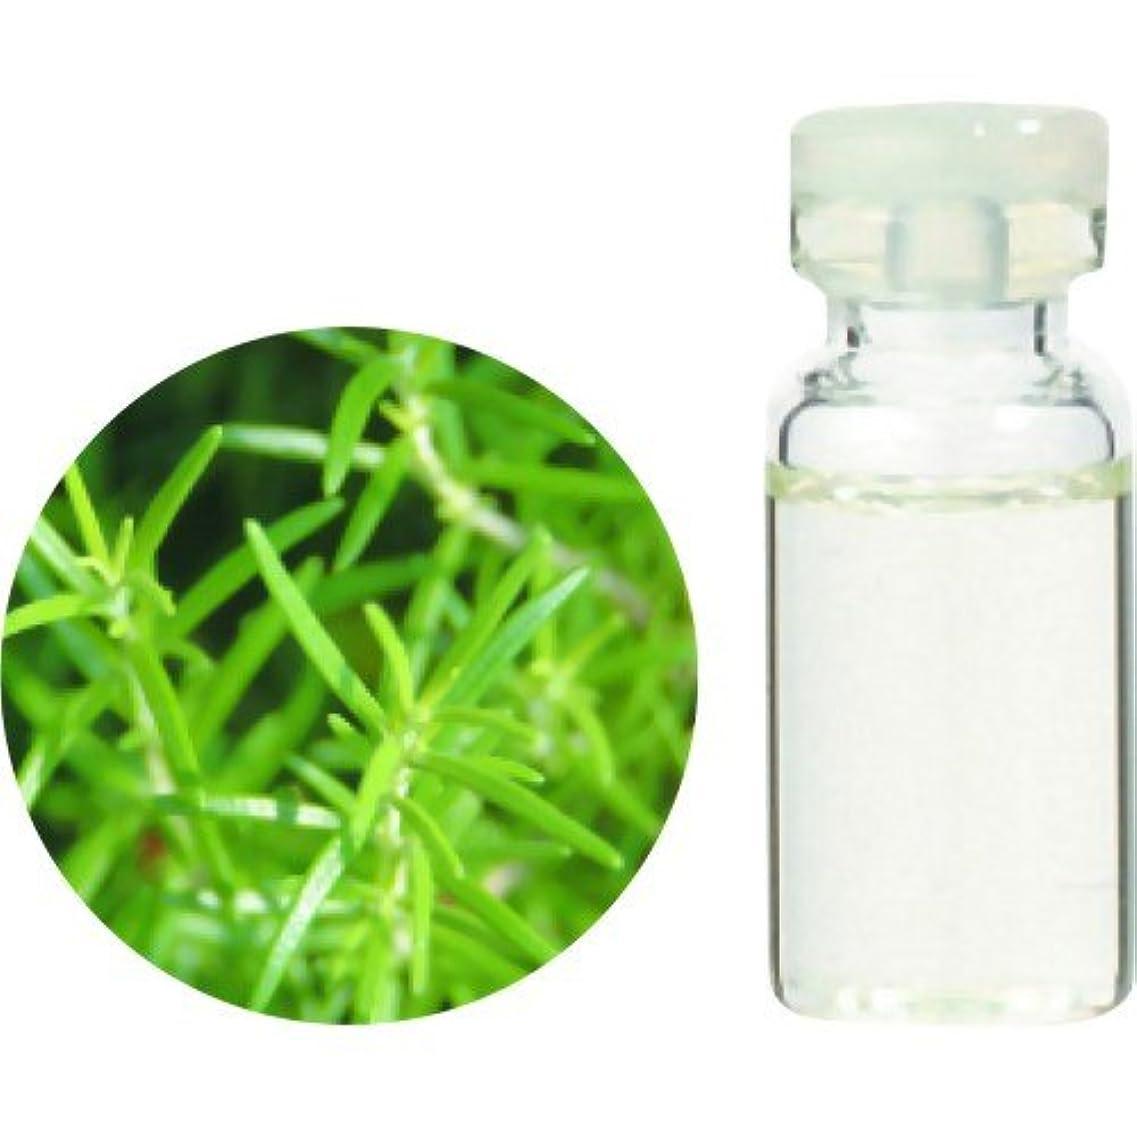 古いロマンス助けになる生活の木 Herbal Life Organic ローズマリー?シネオール 10ml